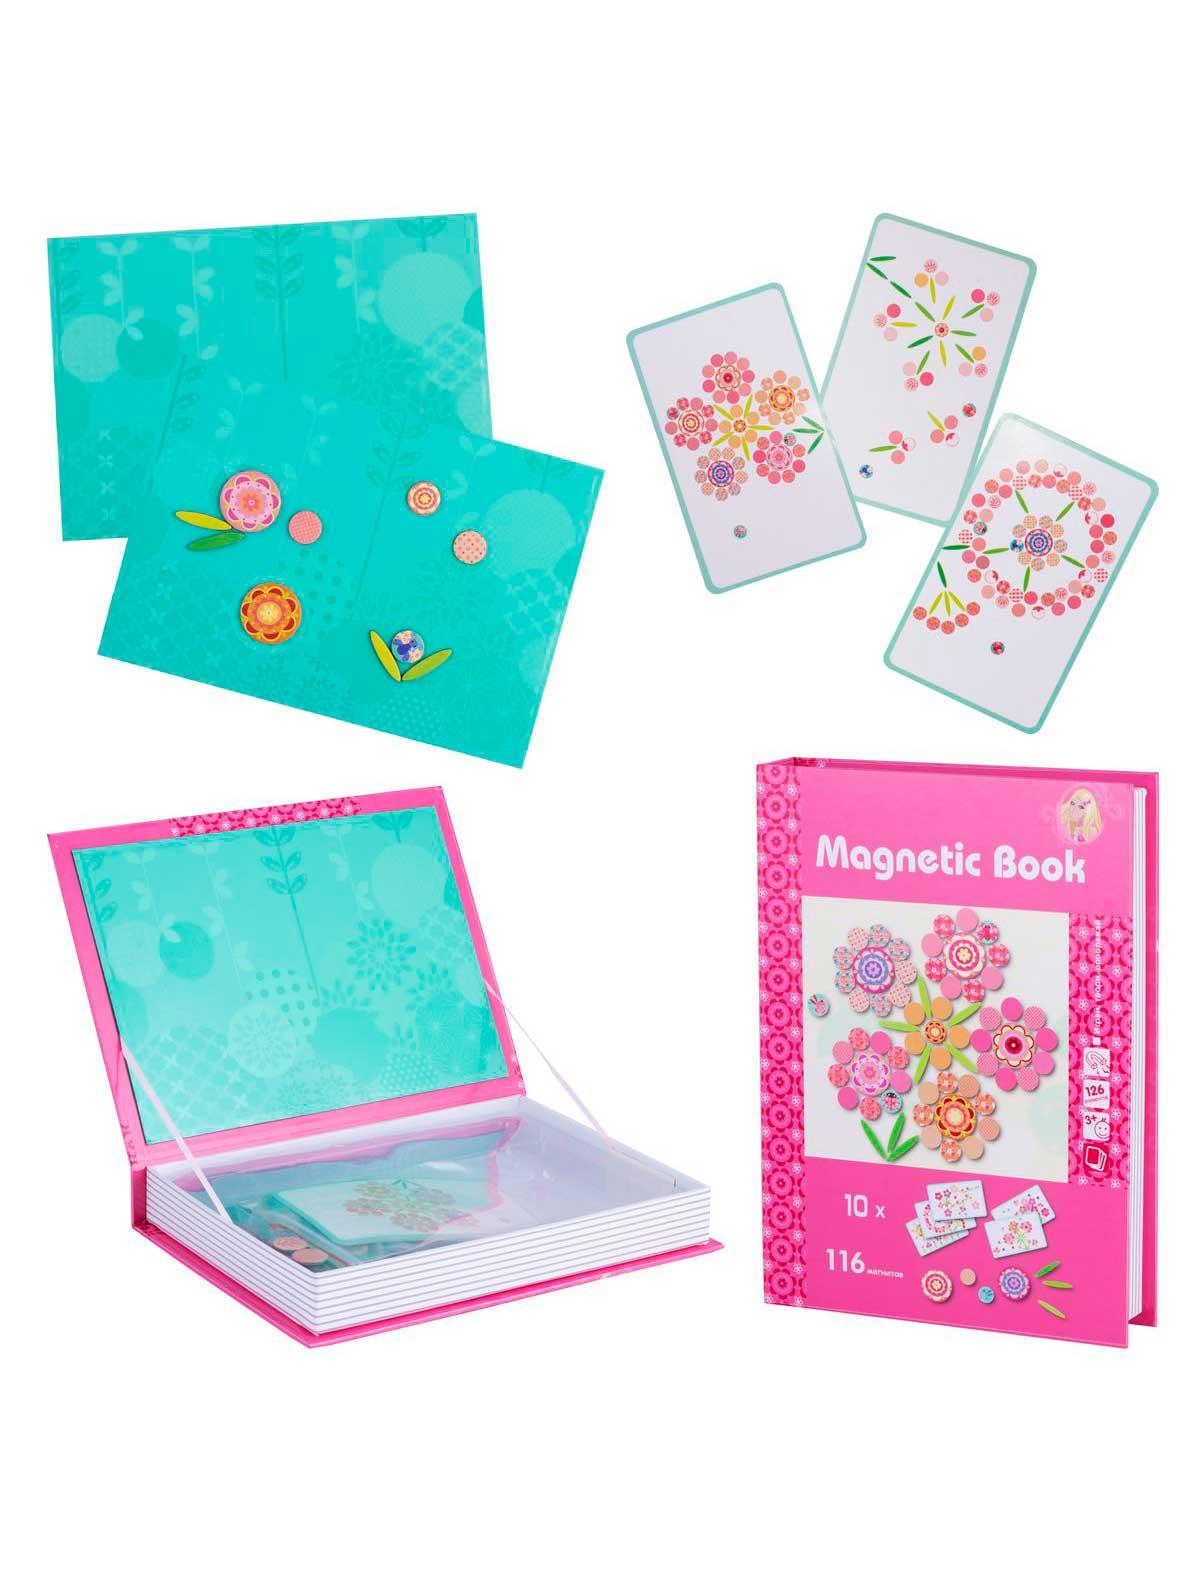 Купить 2267921, Игрушка Magnetic Book, розовый, 7134529083749